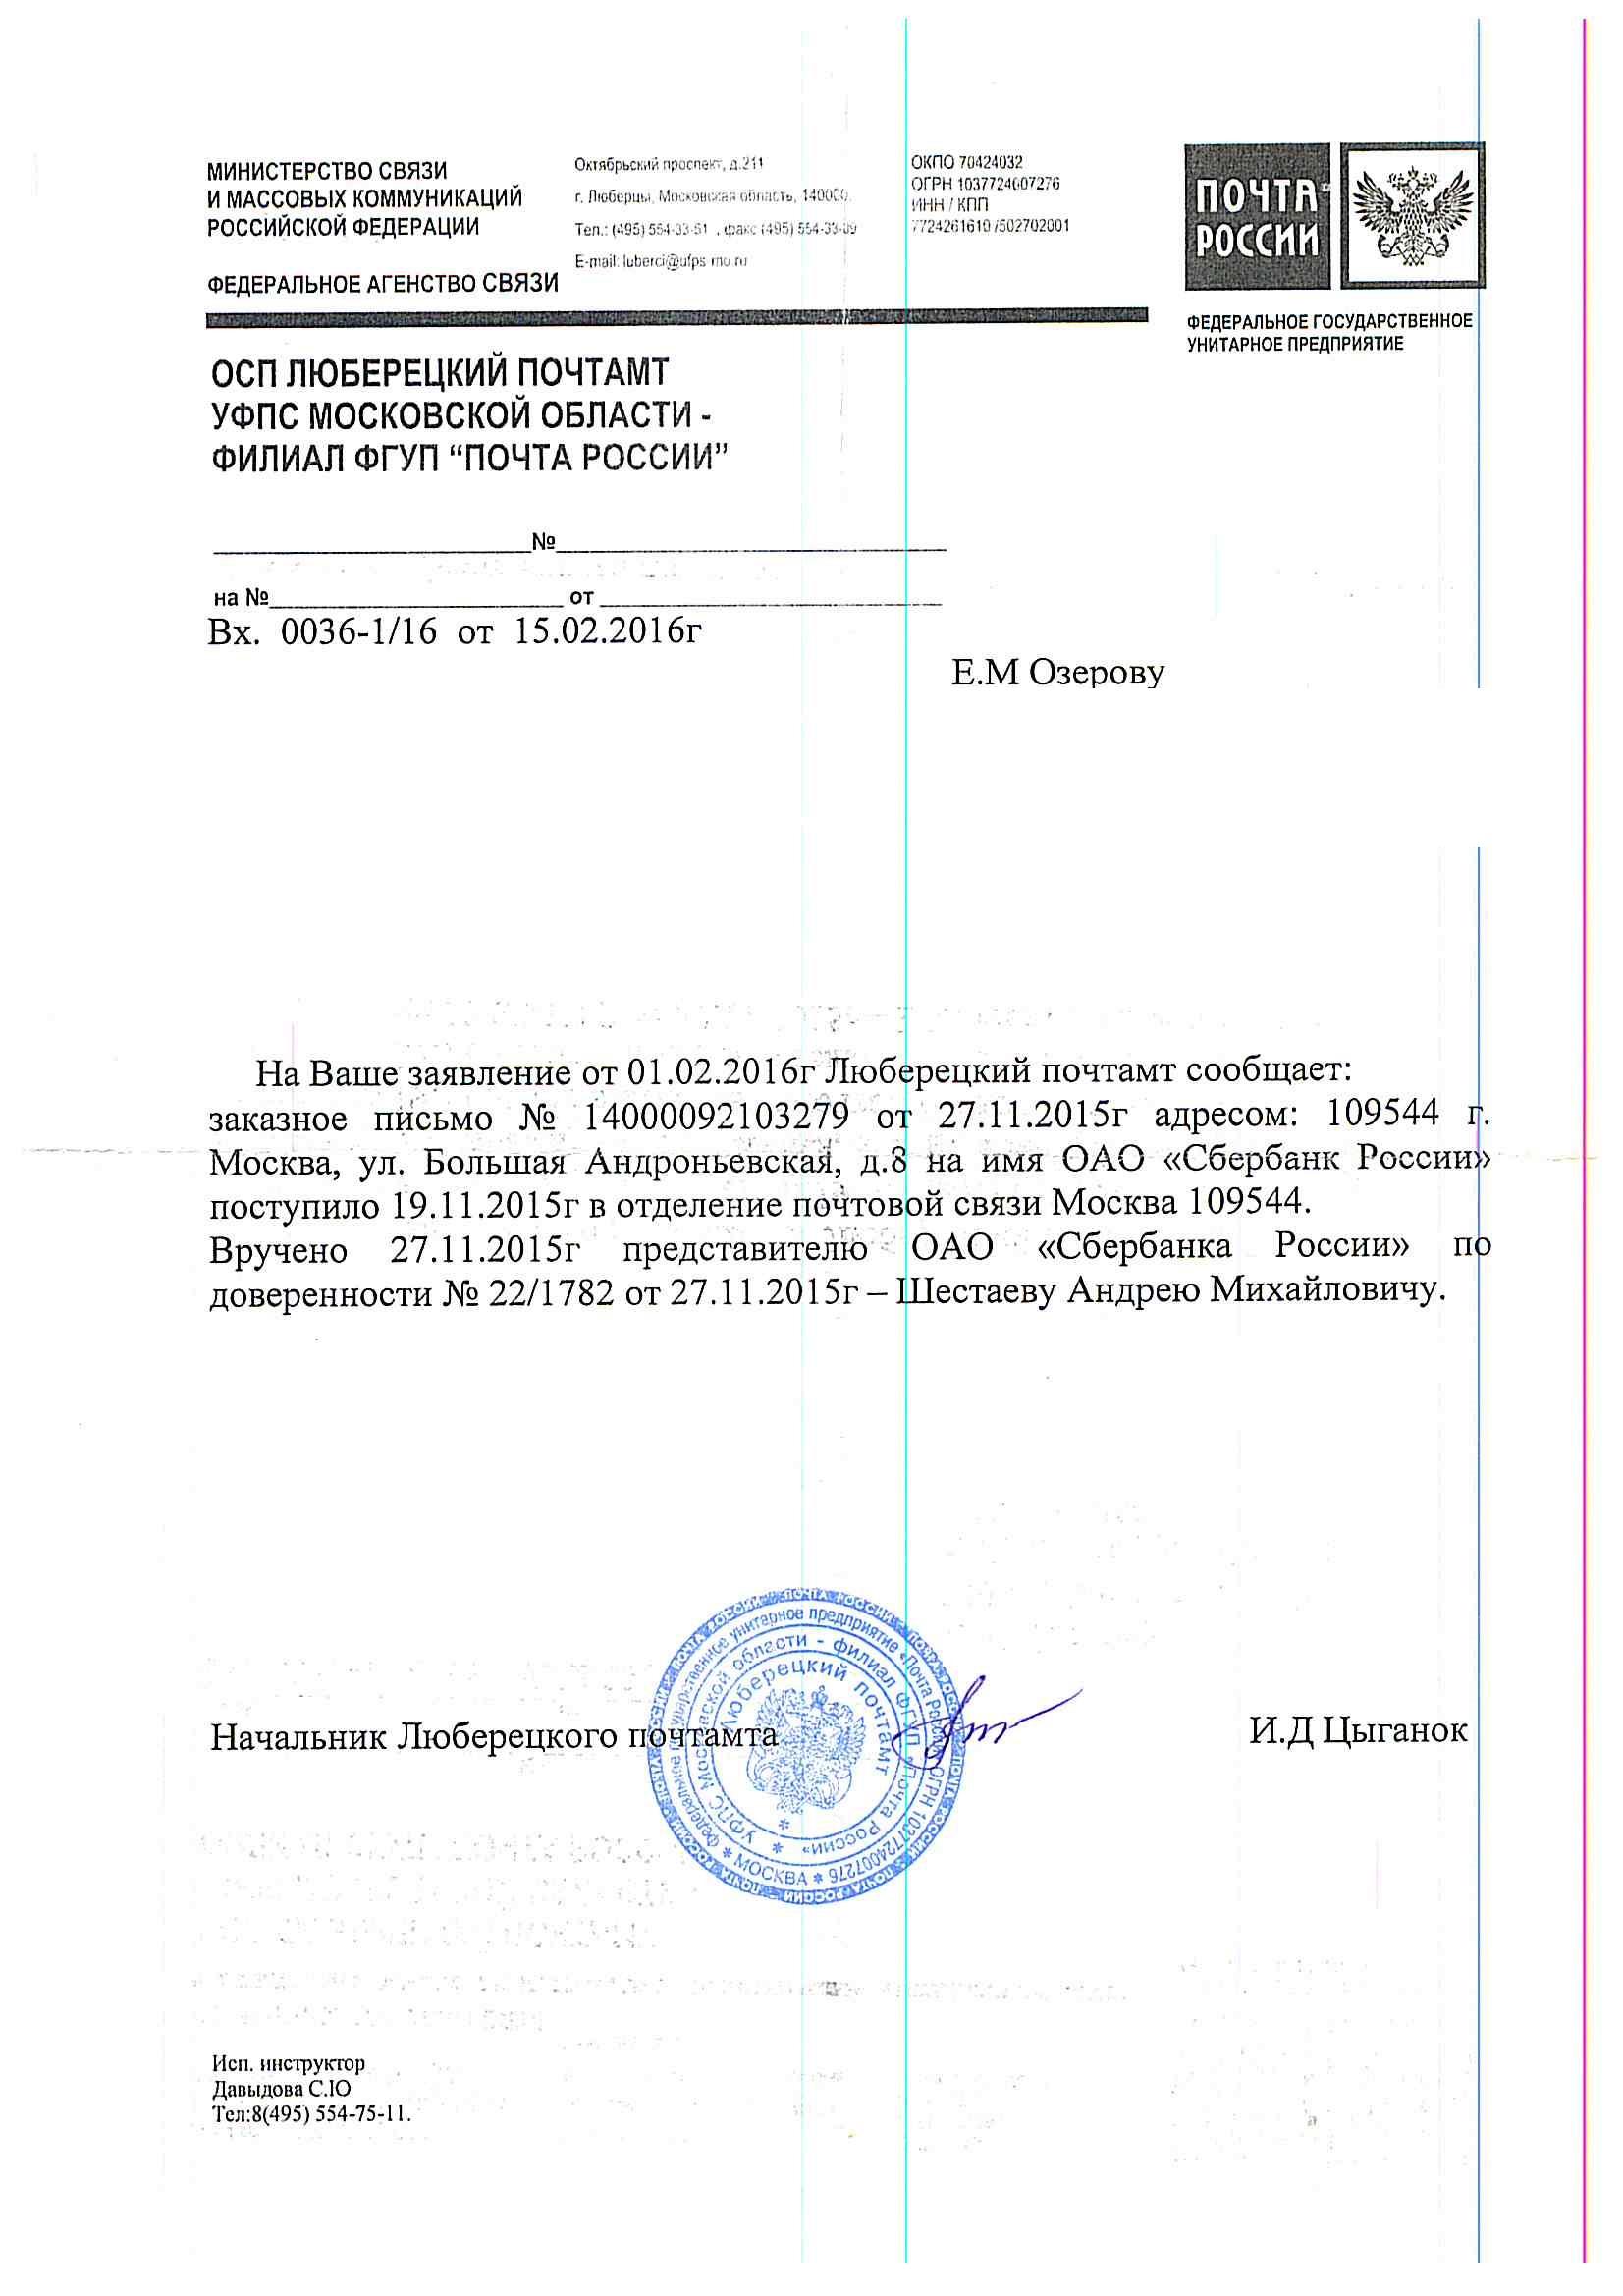 Озеров Евгений Михайлович. Банк который спятил